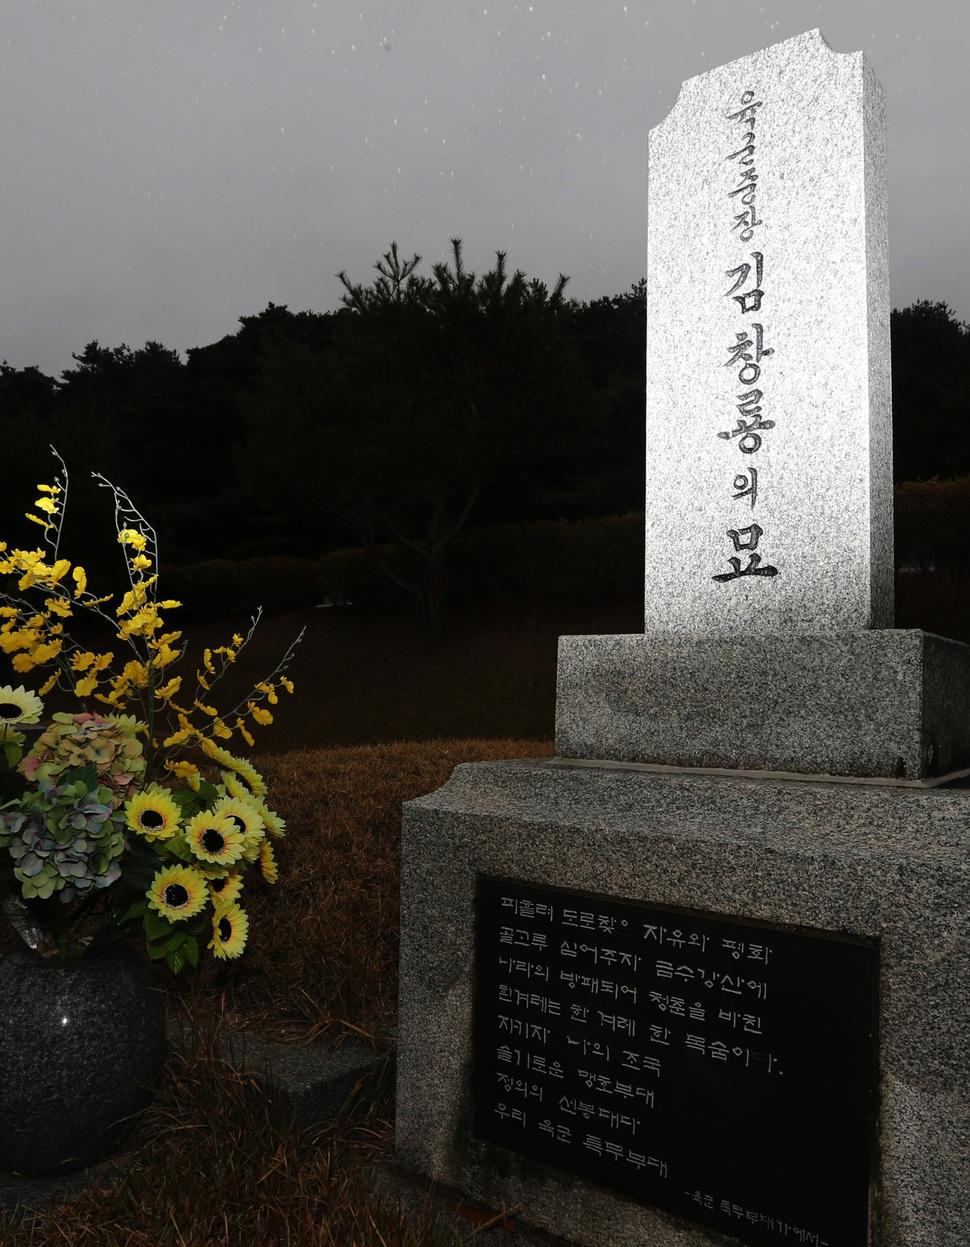 민족 지도자인 백범 김구 선생을 암살한 배우 인물로 지목된 김창룡의 묘가 국립대전현충원에 자리해 있다. 김창룡은 친일인명사전에 이름이 올라있다./ 이종근 기자 root2@hani.co.kr